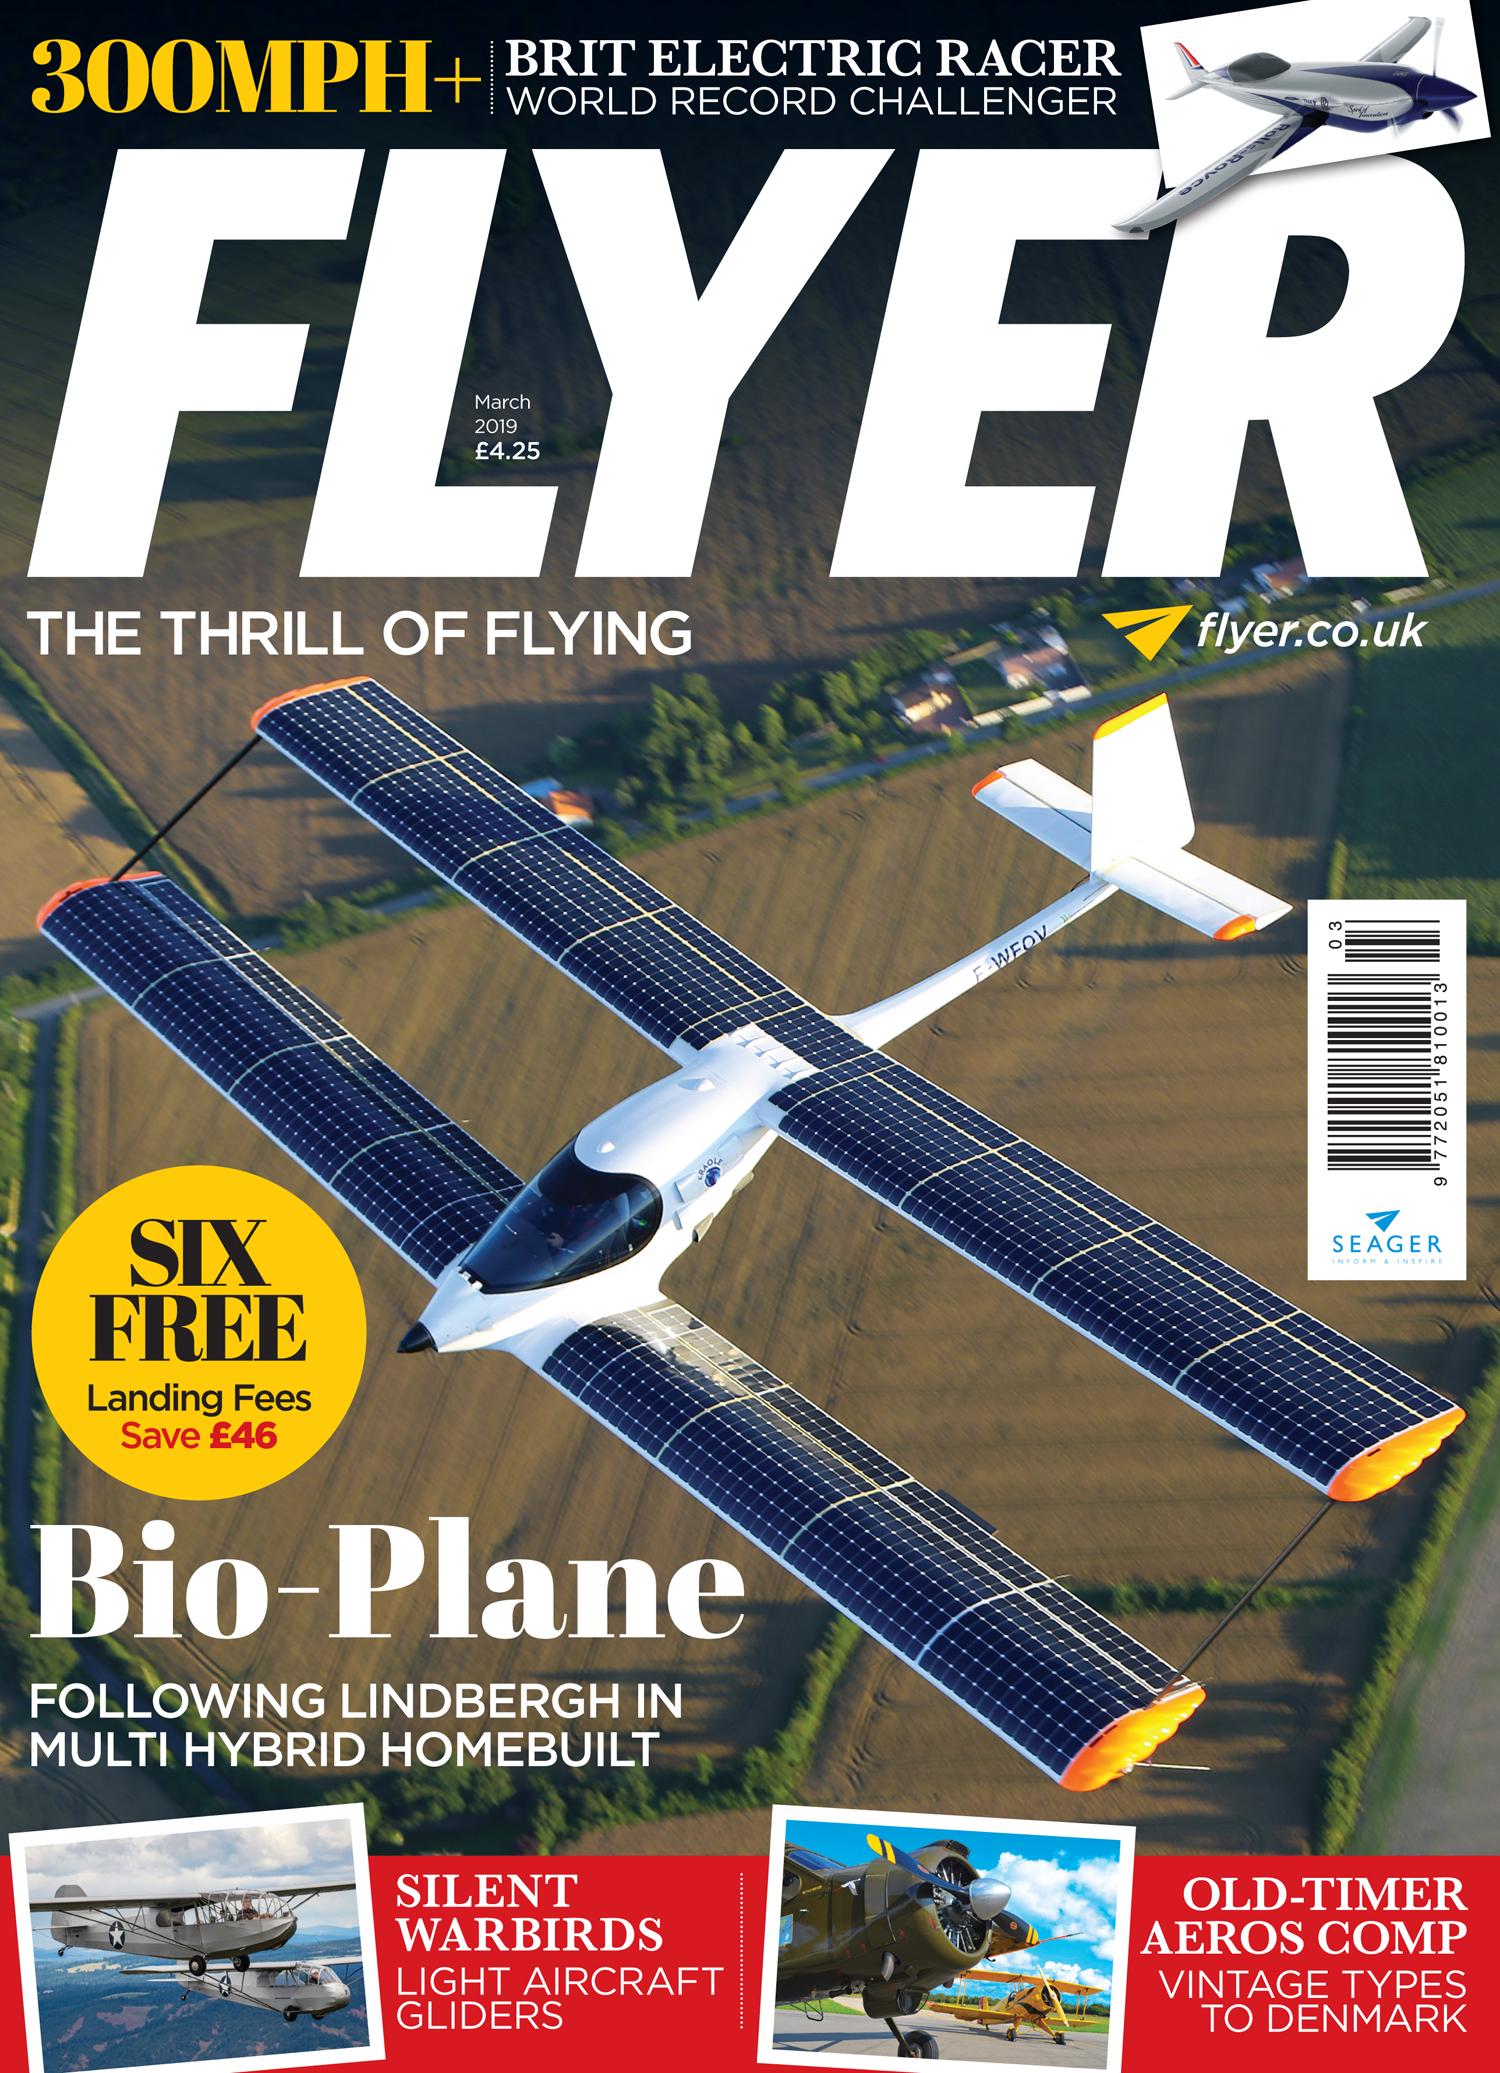 FLYER magazine March 2019